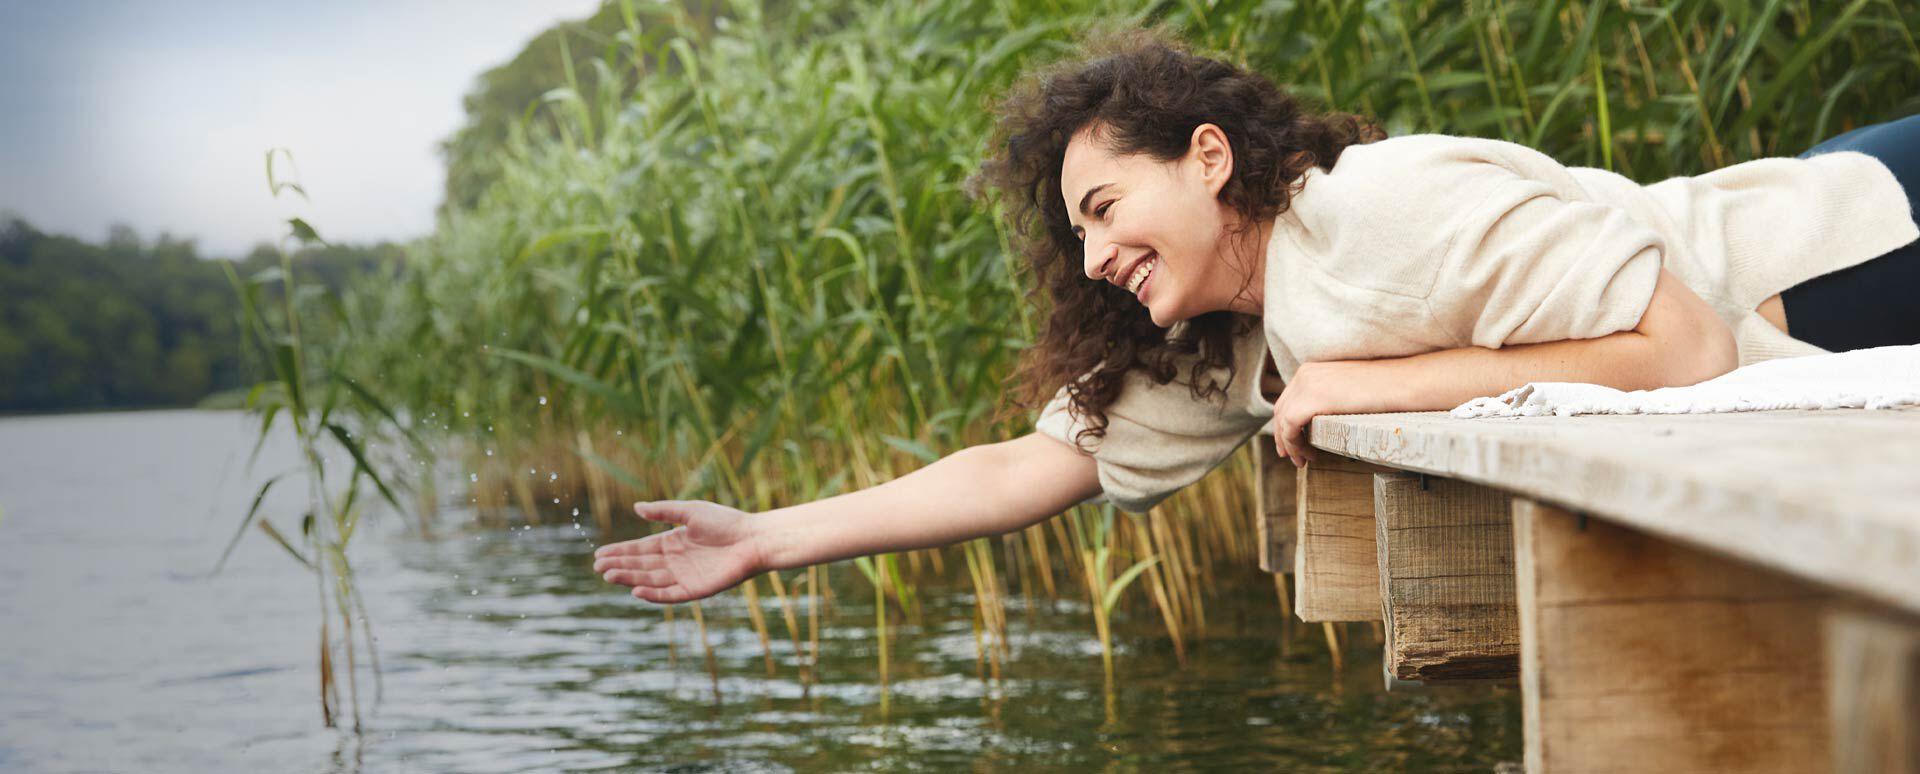 Sebastian Kneipps Erkenntnisse sind heute relevant wie nie. Auf dem Bild genießt eine Frau das kühle Wasser eines Sees.